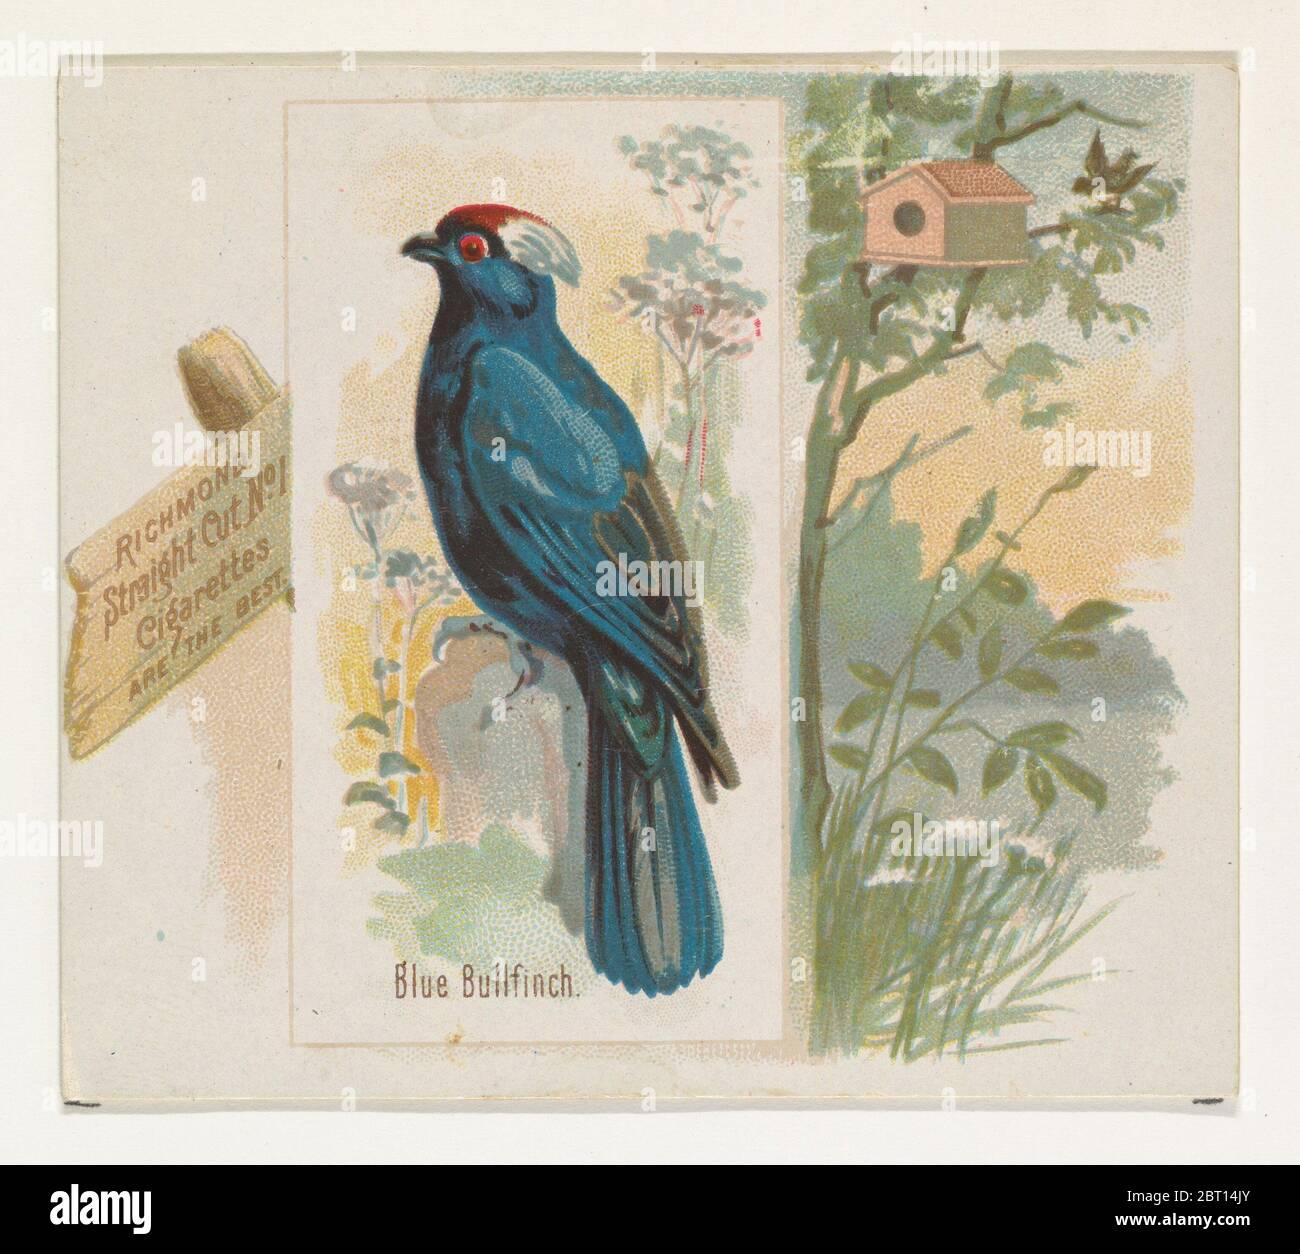 Blue Bullfinch, de la série Song Birds of the World (N42) pour Allen & amp ; Ginter cigarettes, 1890. Banque D'Images